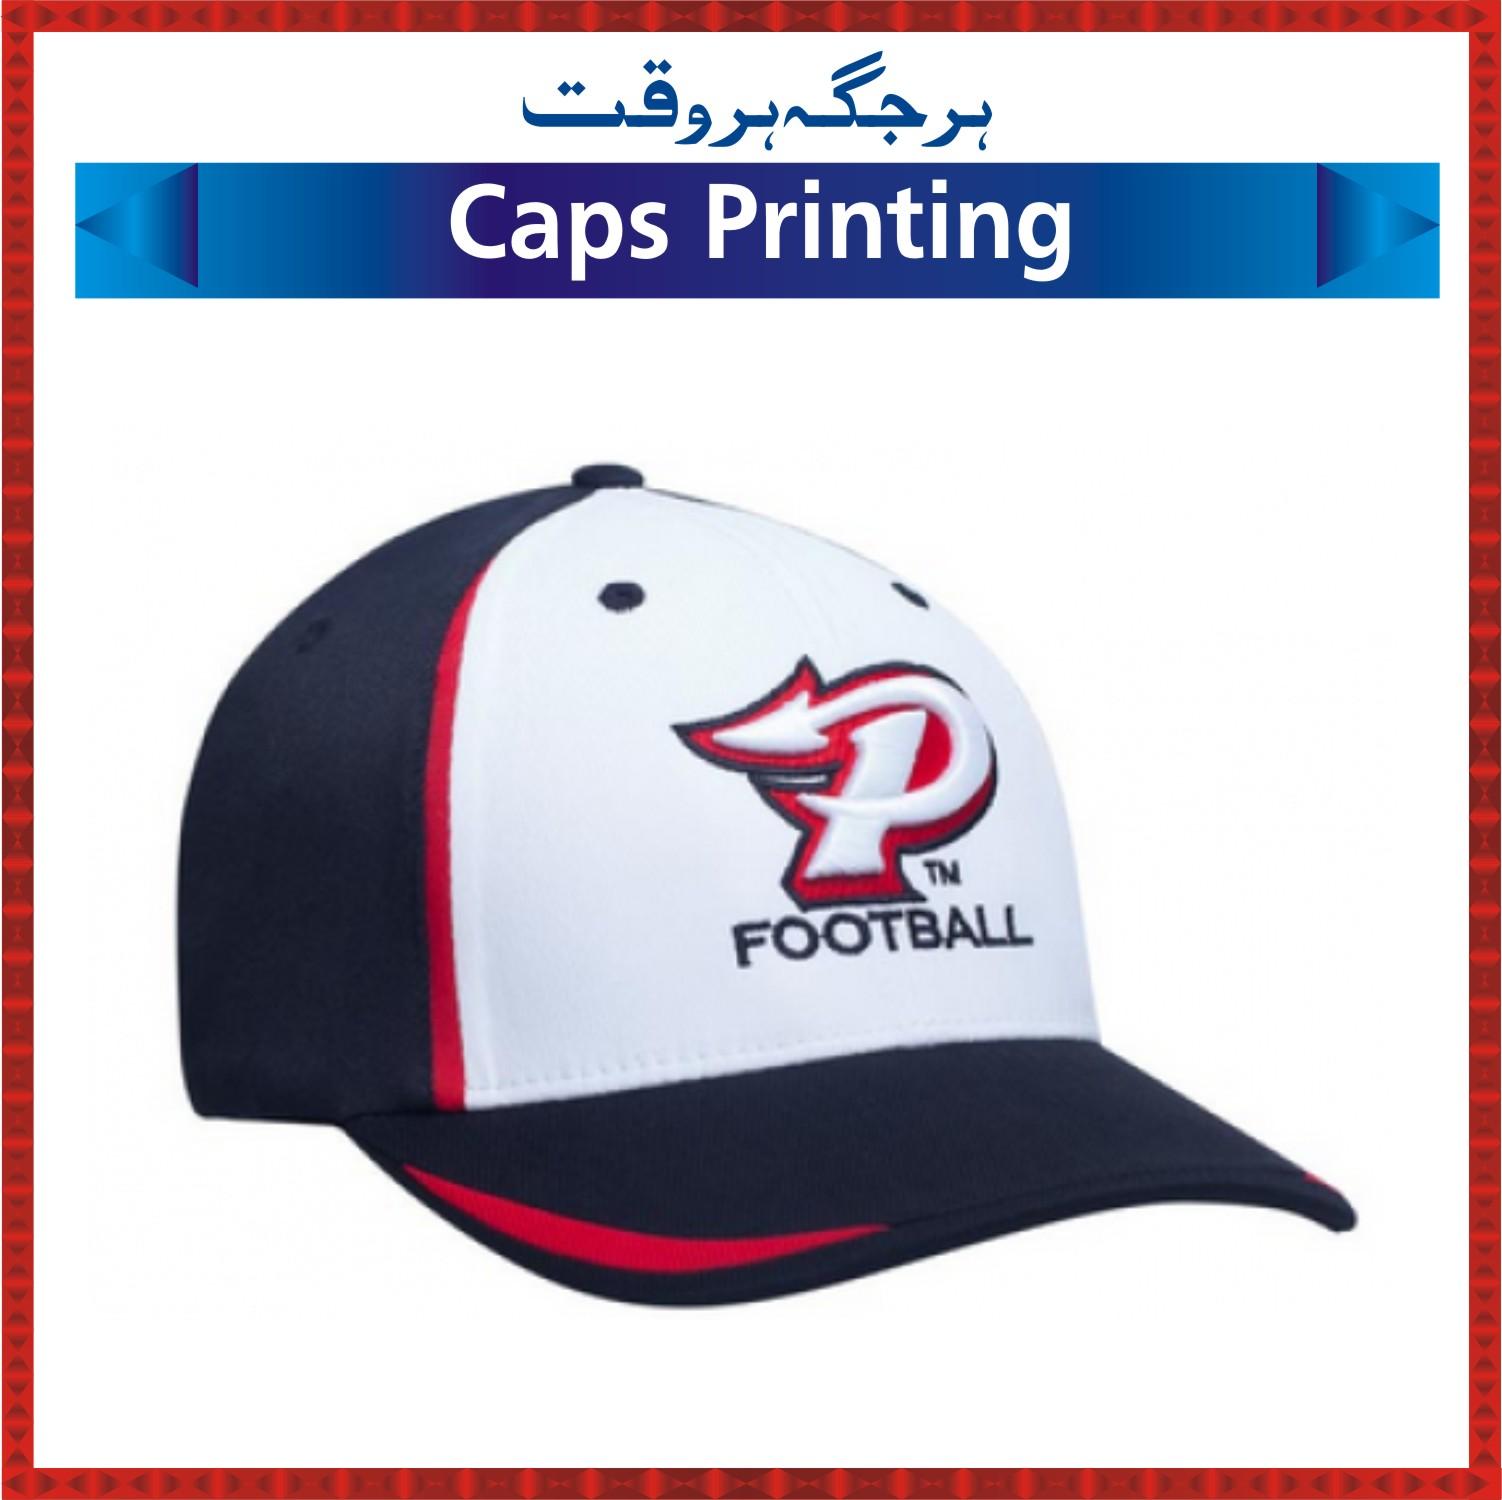 Caps-Printing